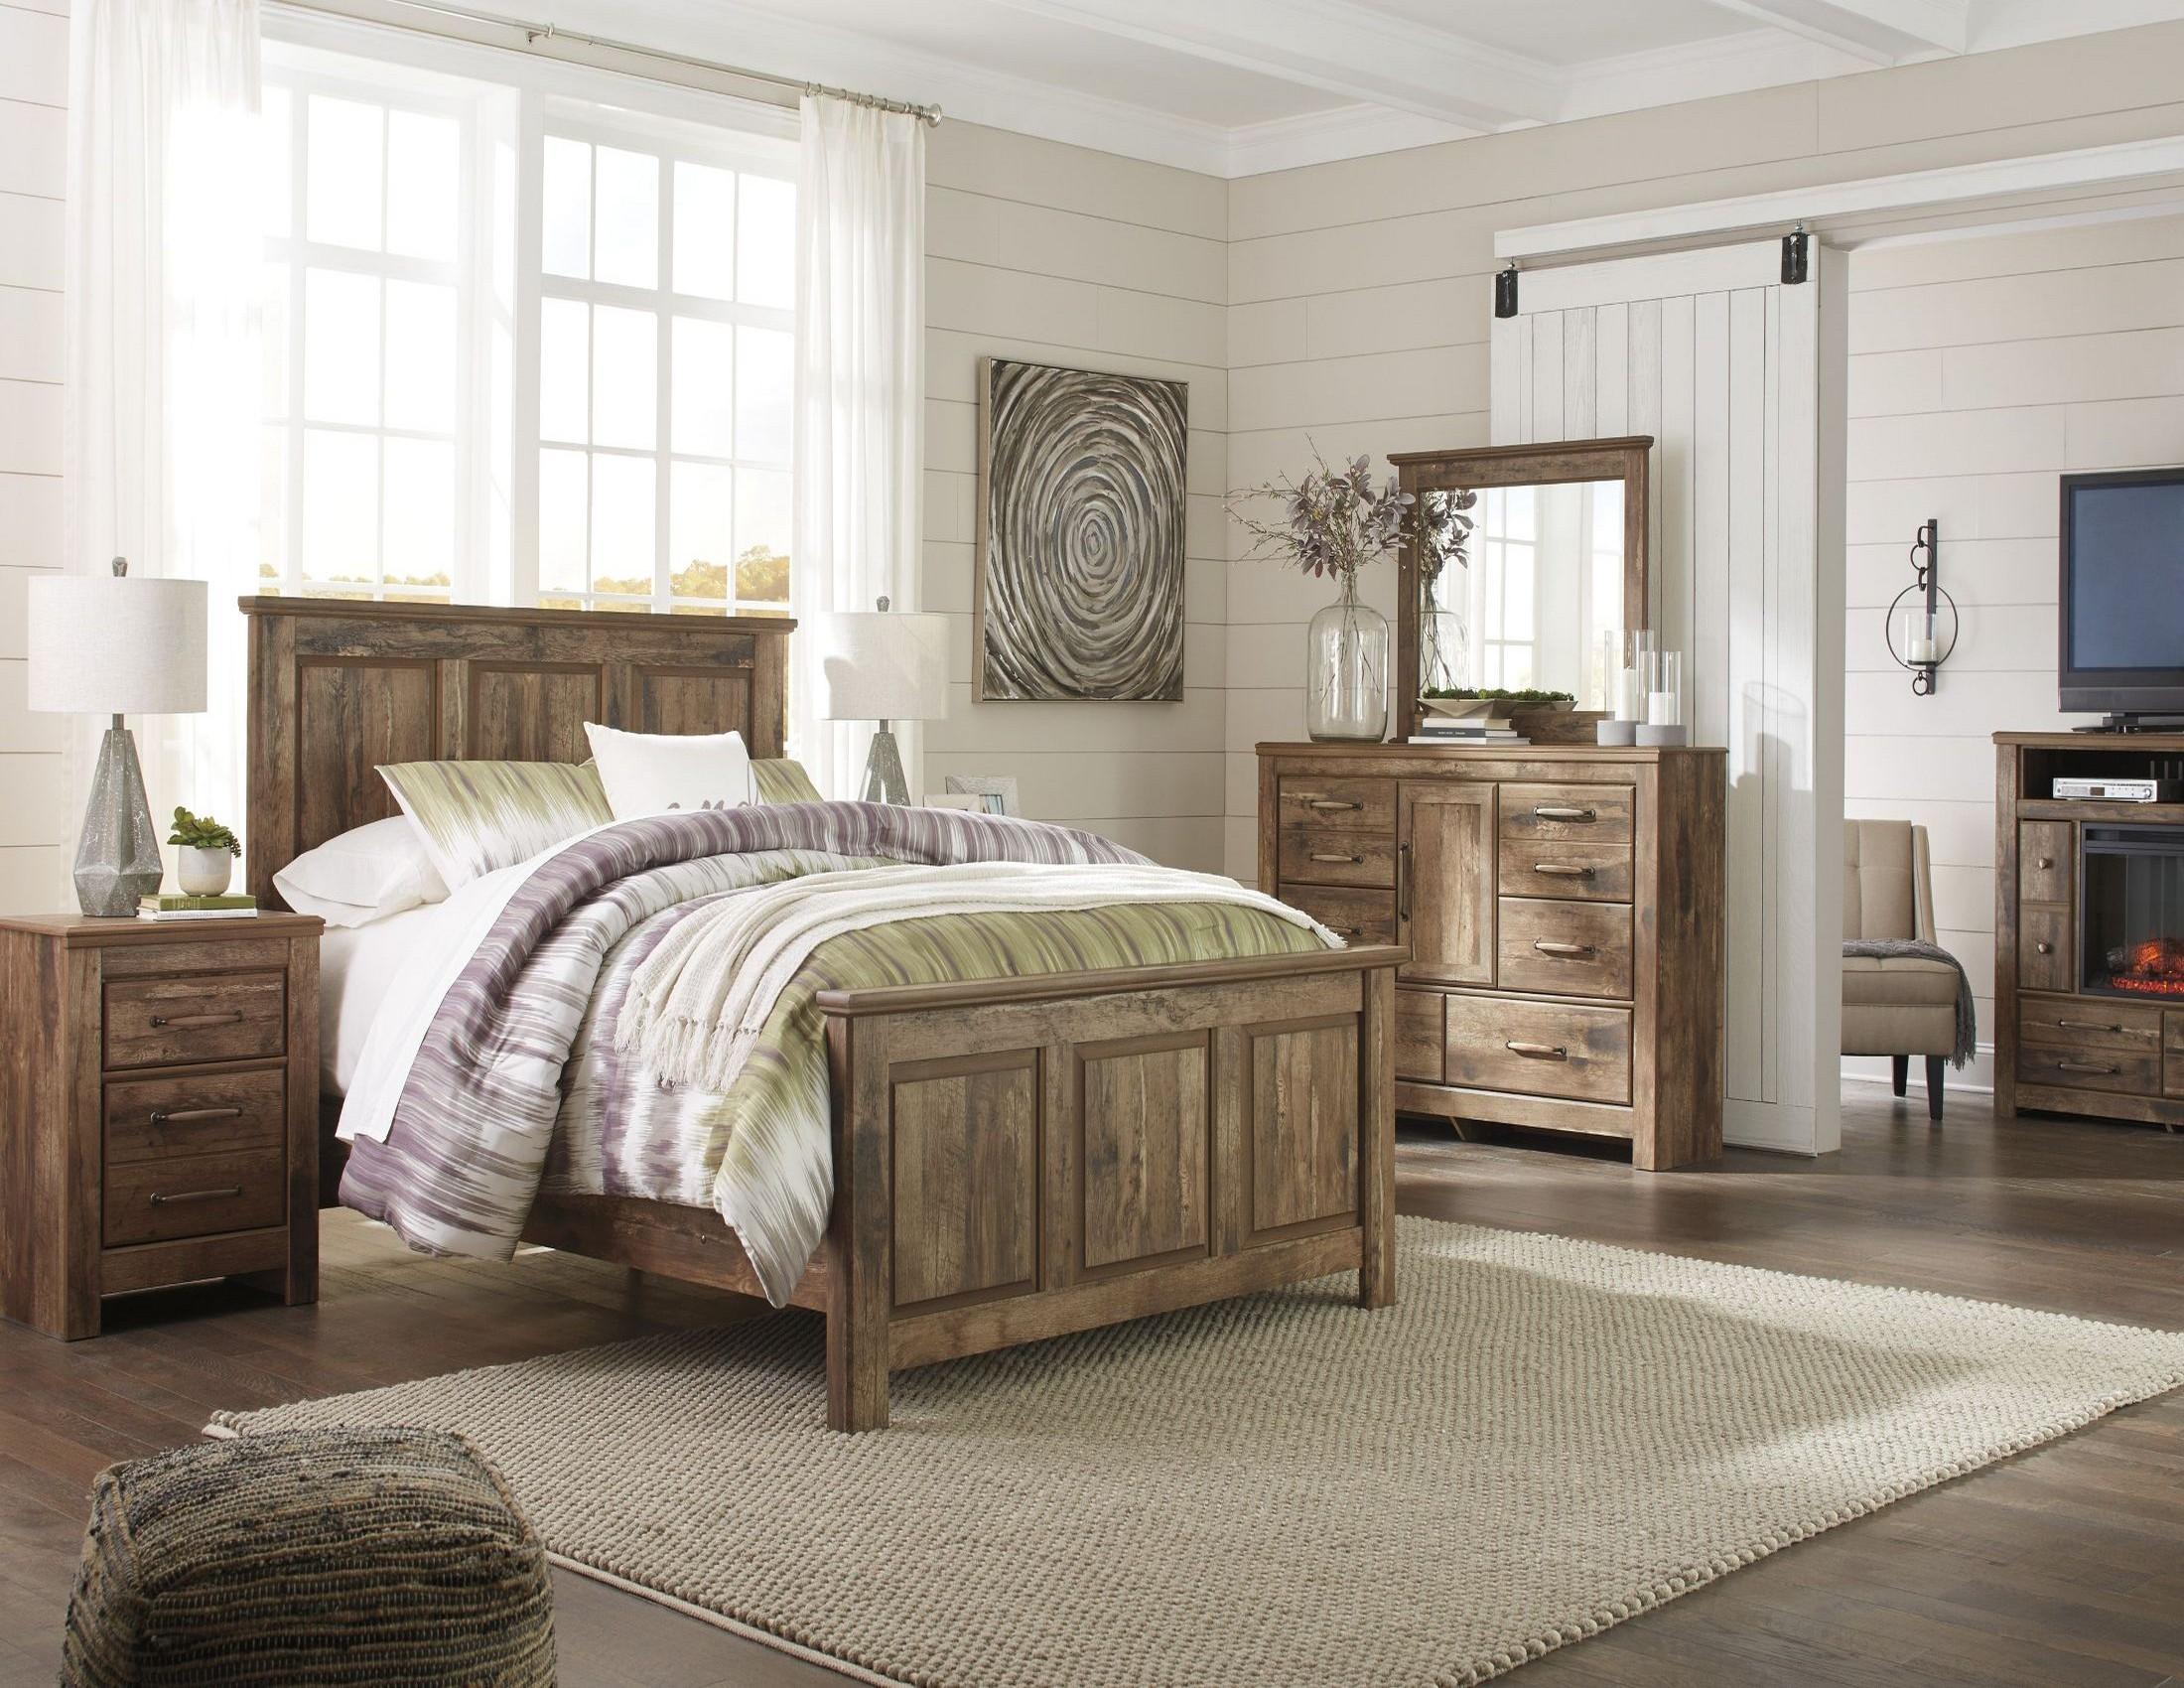 blaneville brown panel bedroom set from ashley coleman furniture. Black Bedroom Furniture Sets. Home Design Ideas